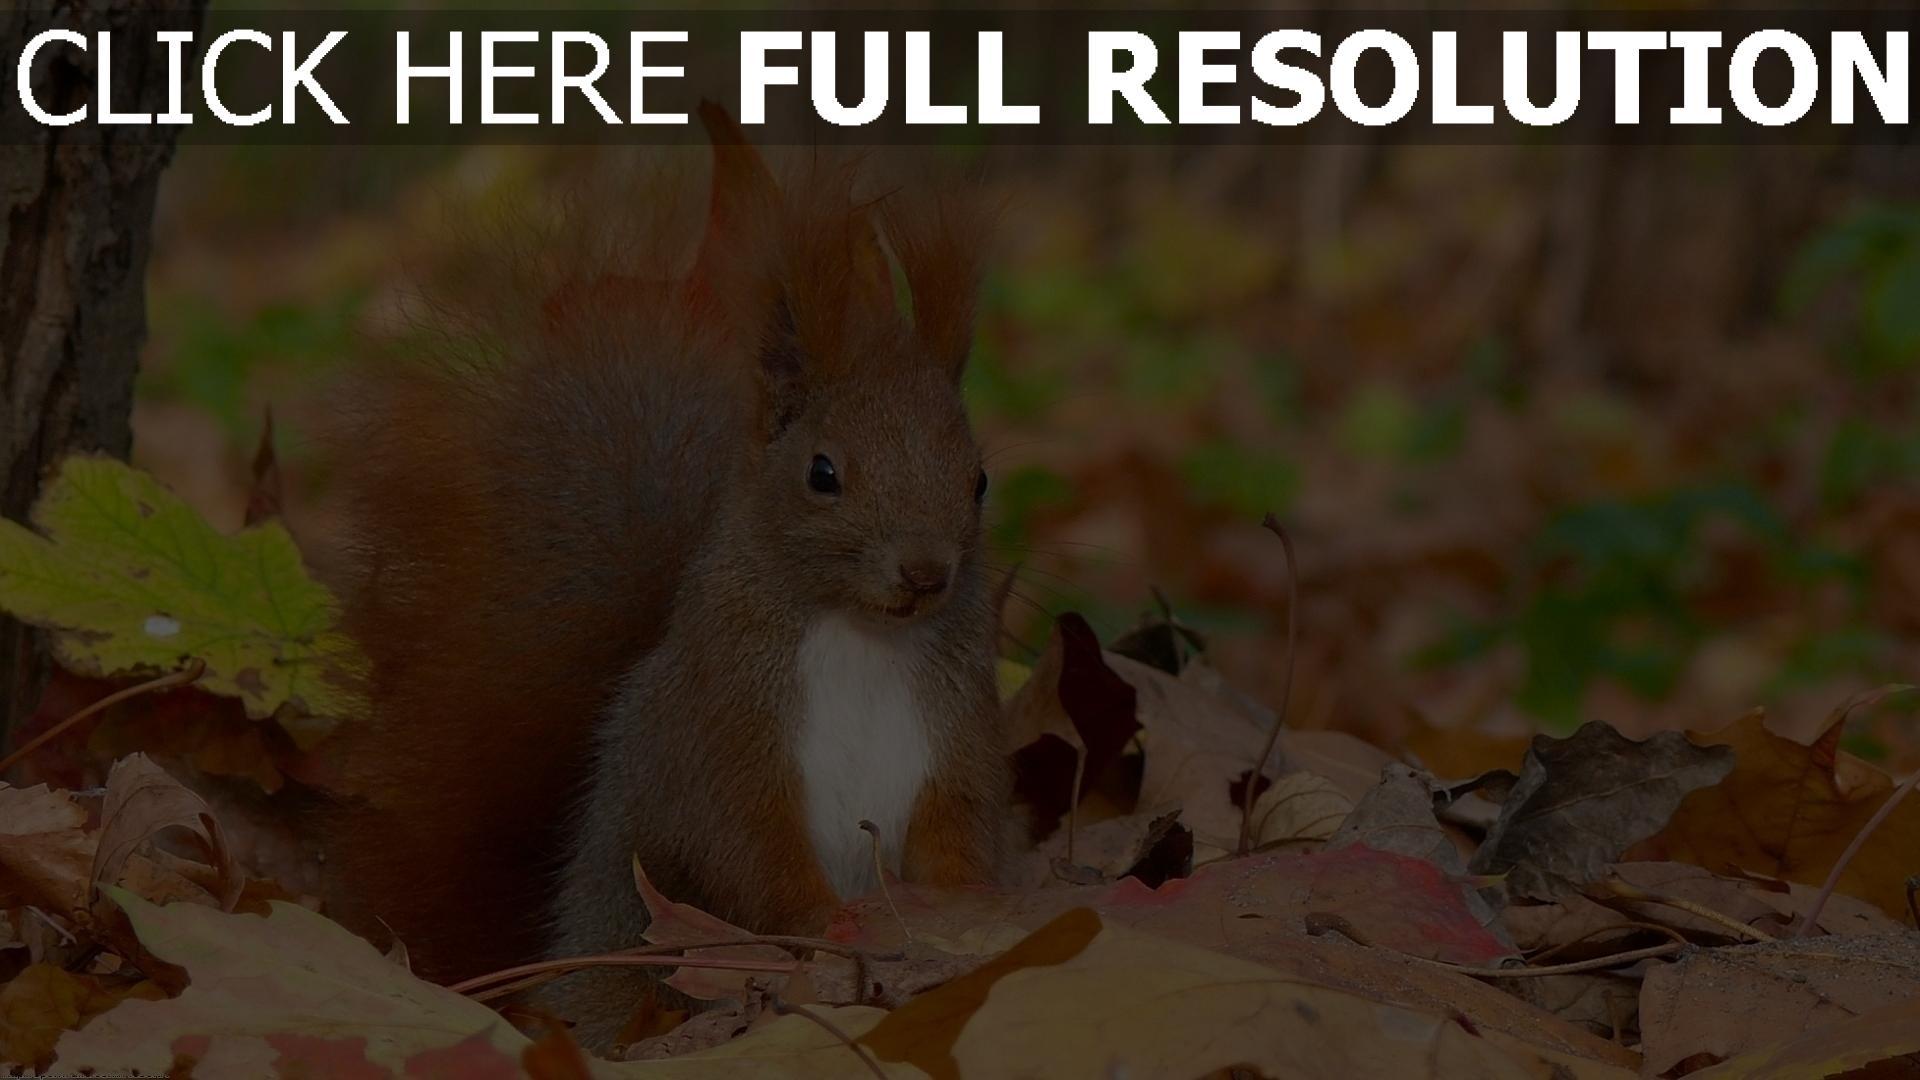 hd hintergrundbilder herbst gras laub eichhörnchen sitzend pelzig schwanz 1920x1080